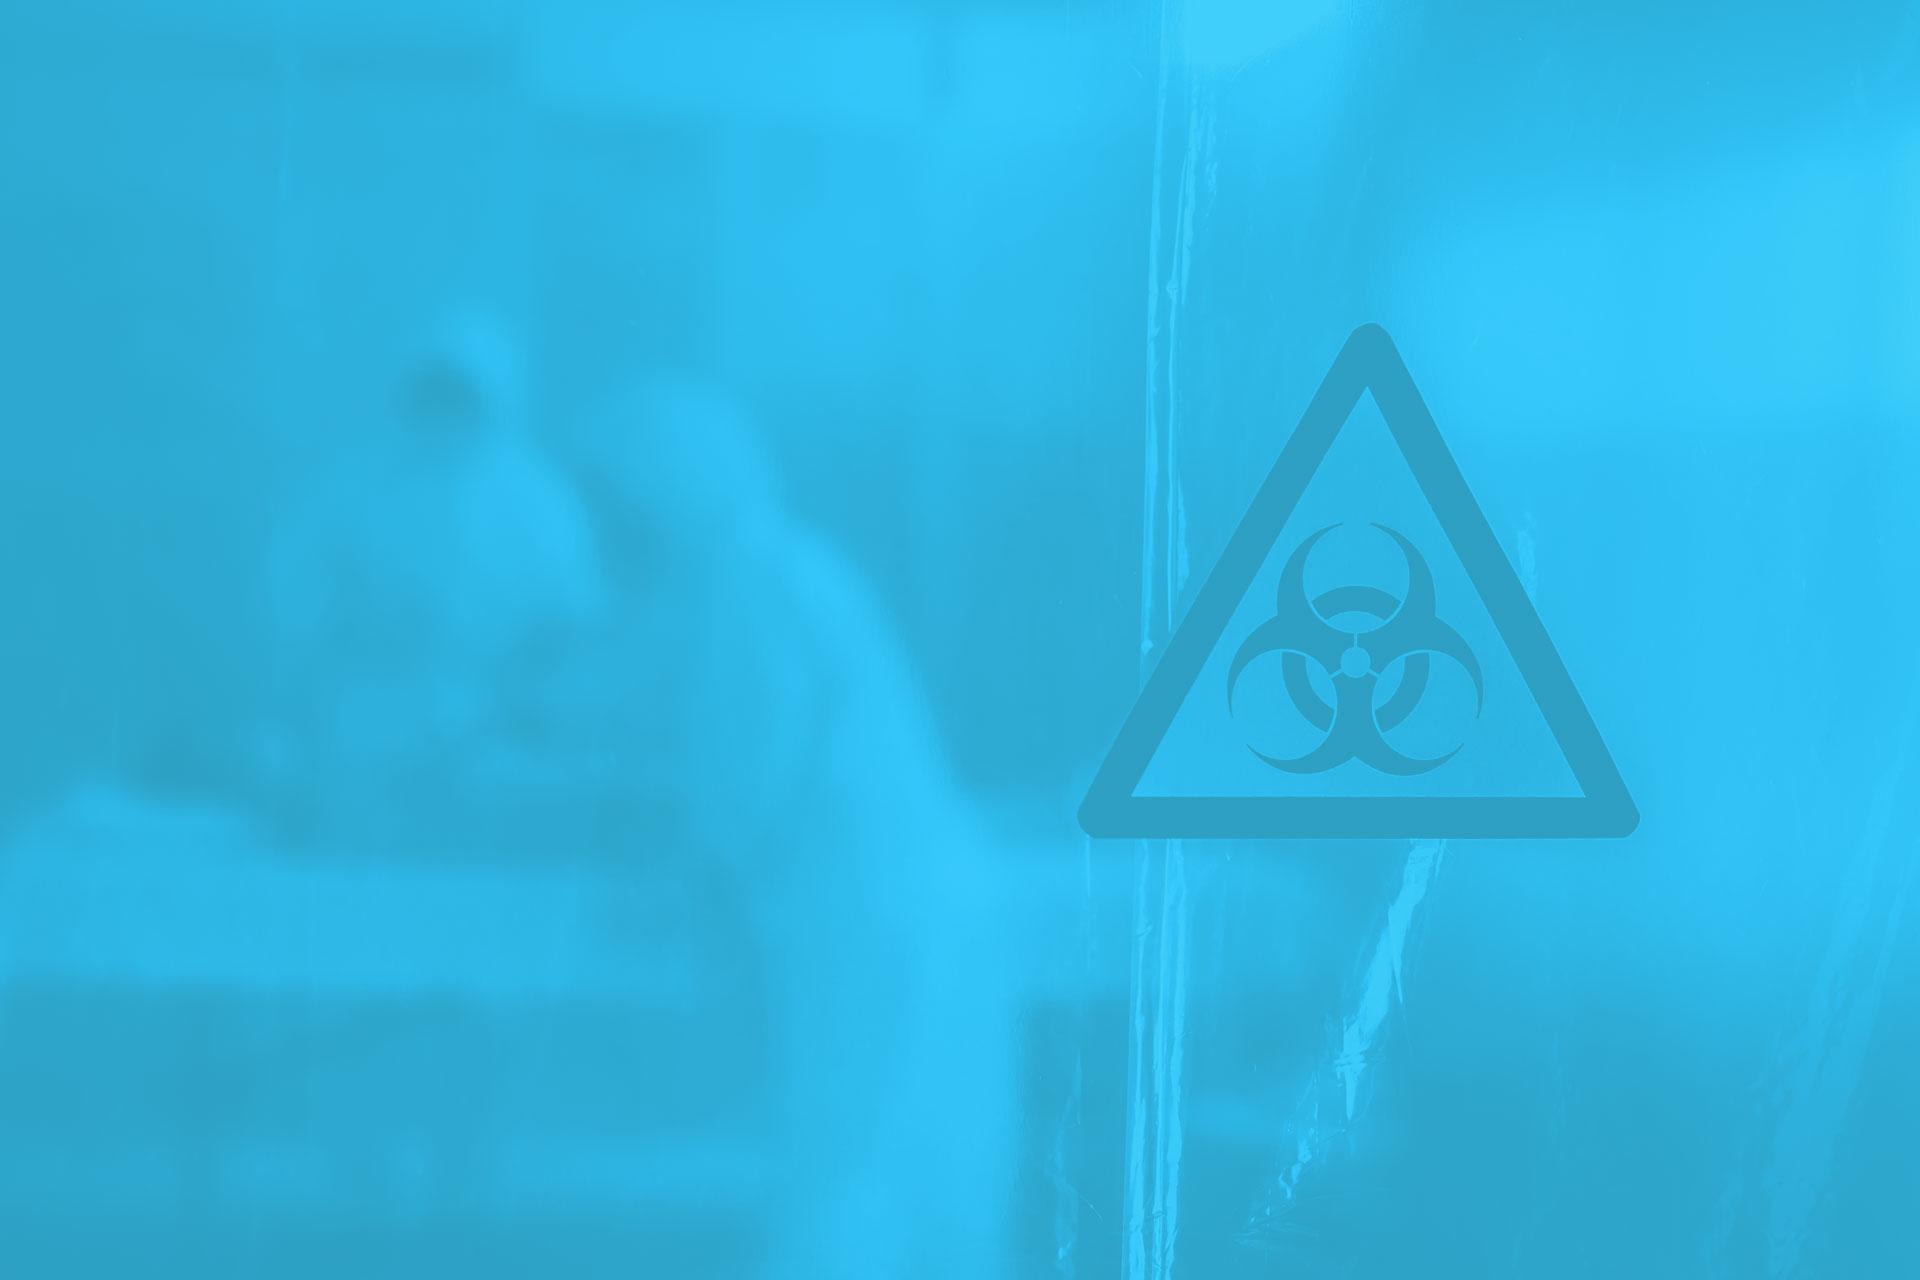 Bio-Hazard - Bacteria and Virus Awareness